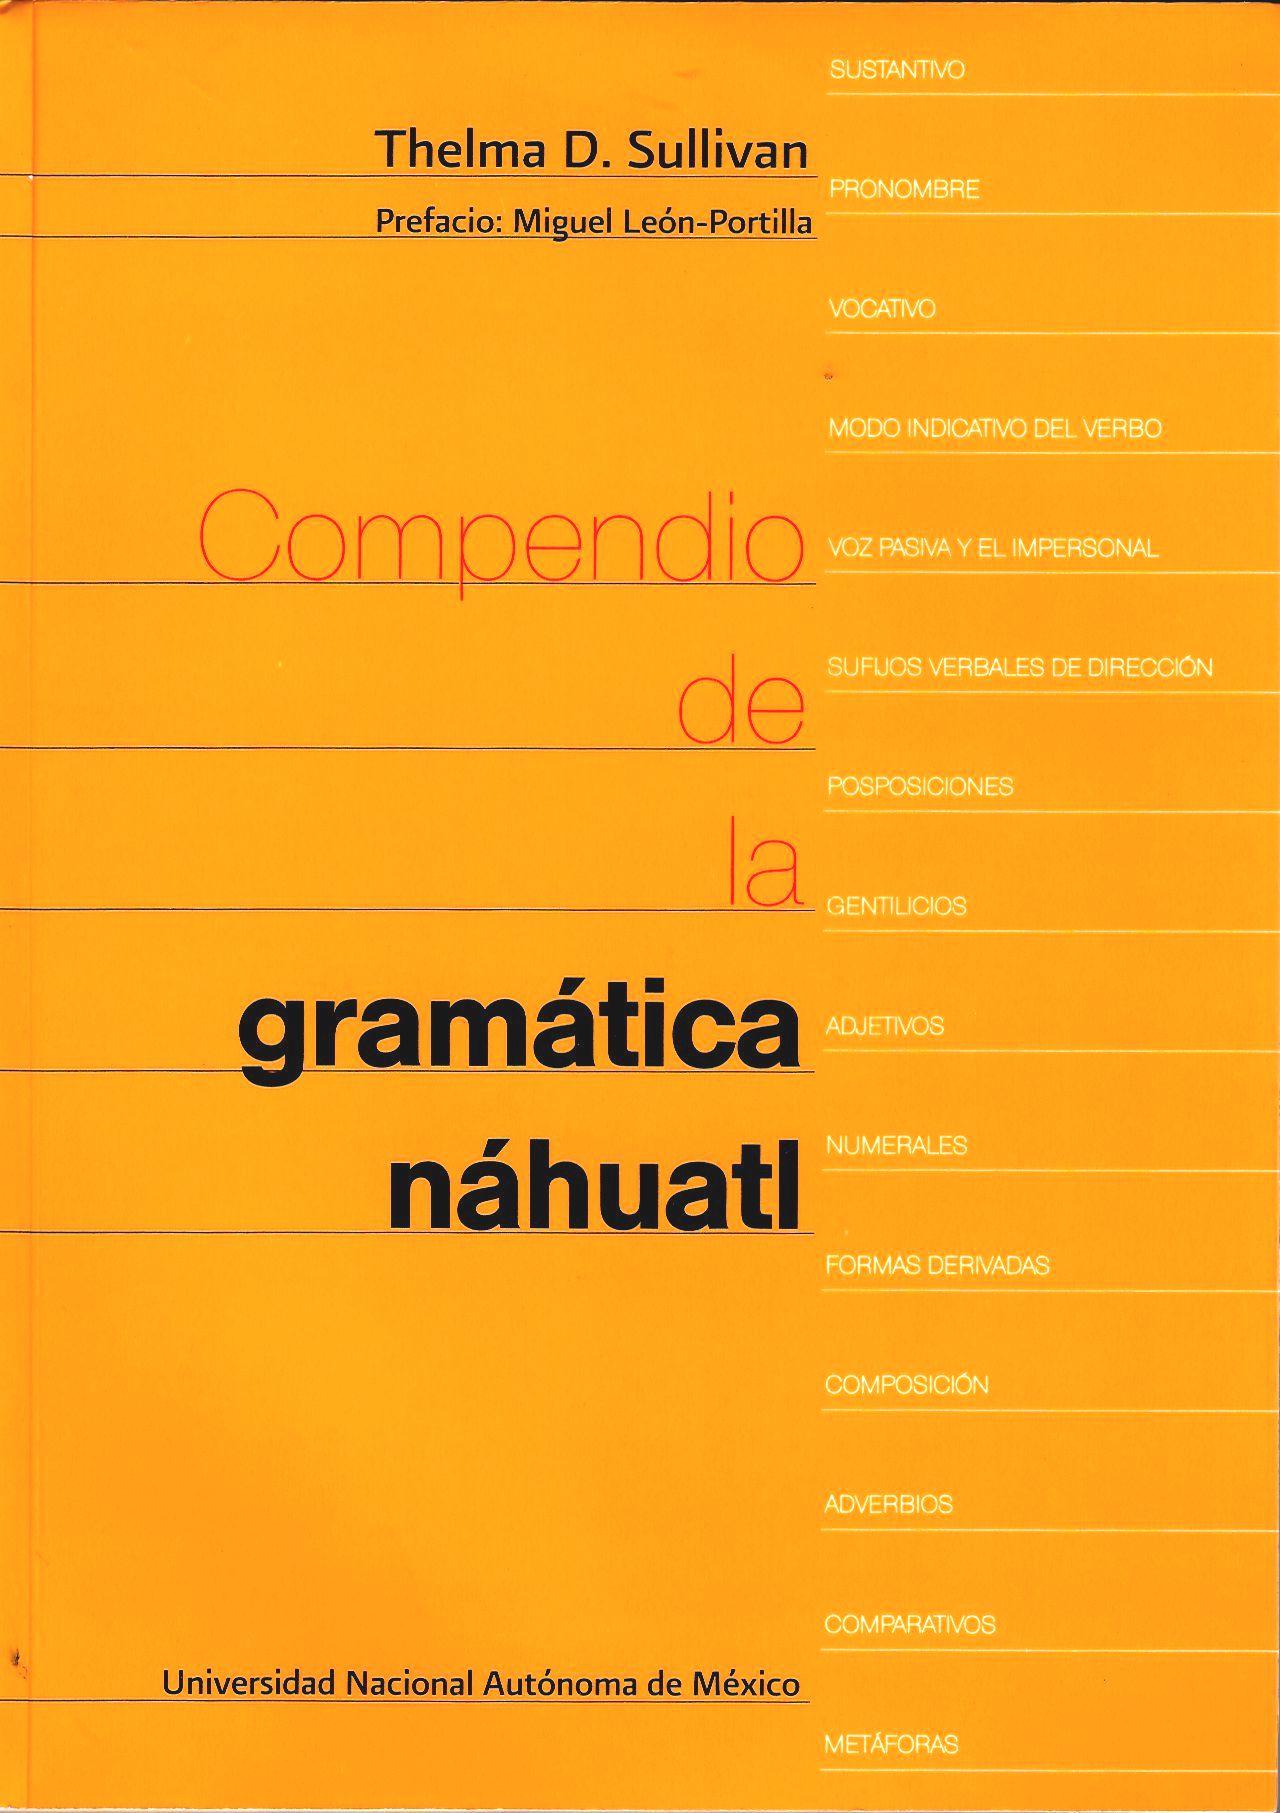 Compendio de la gramática nahuatl